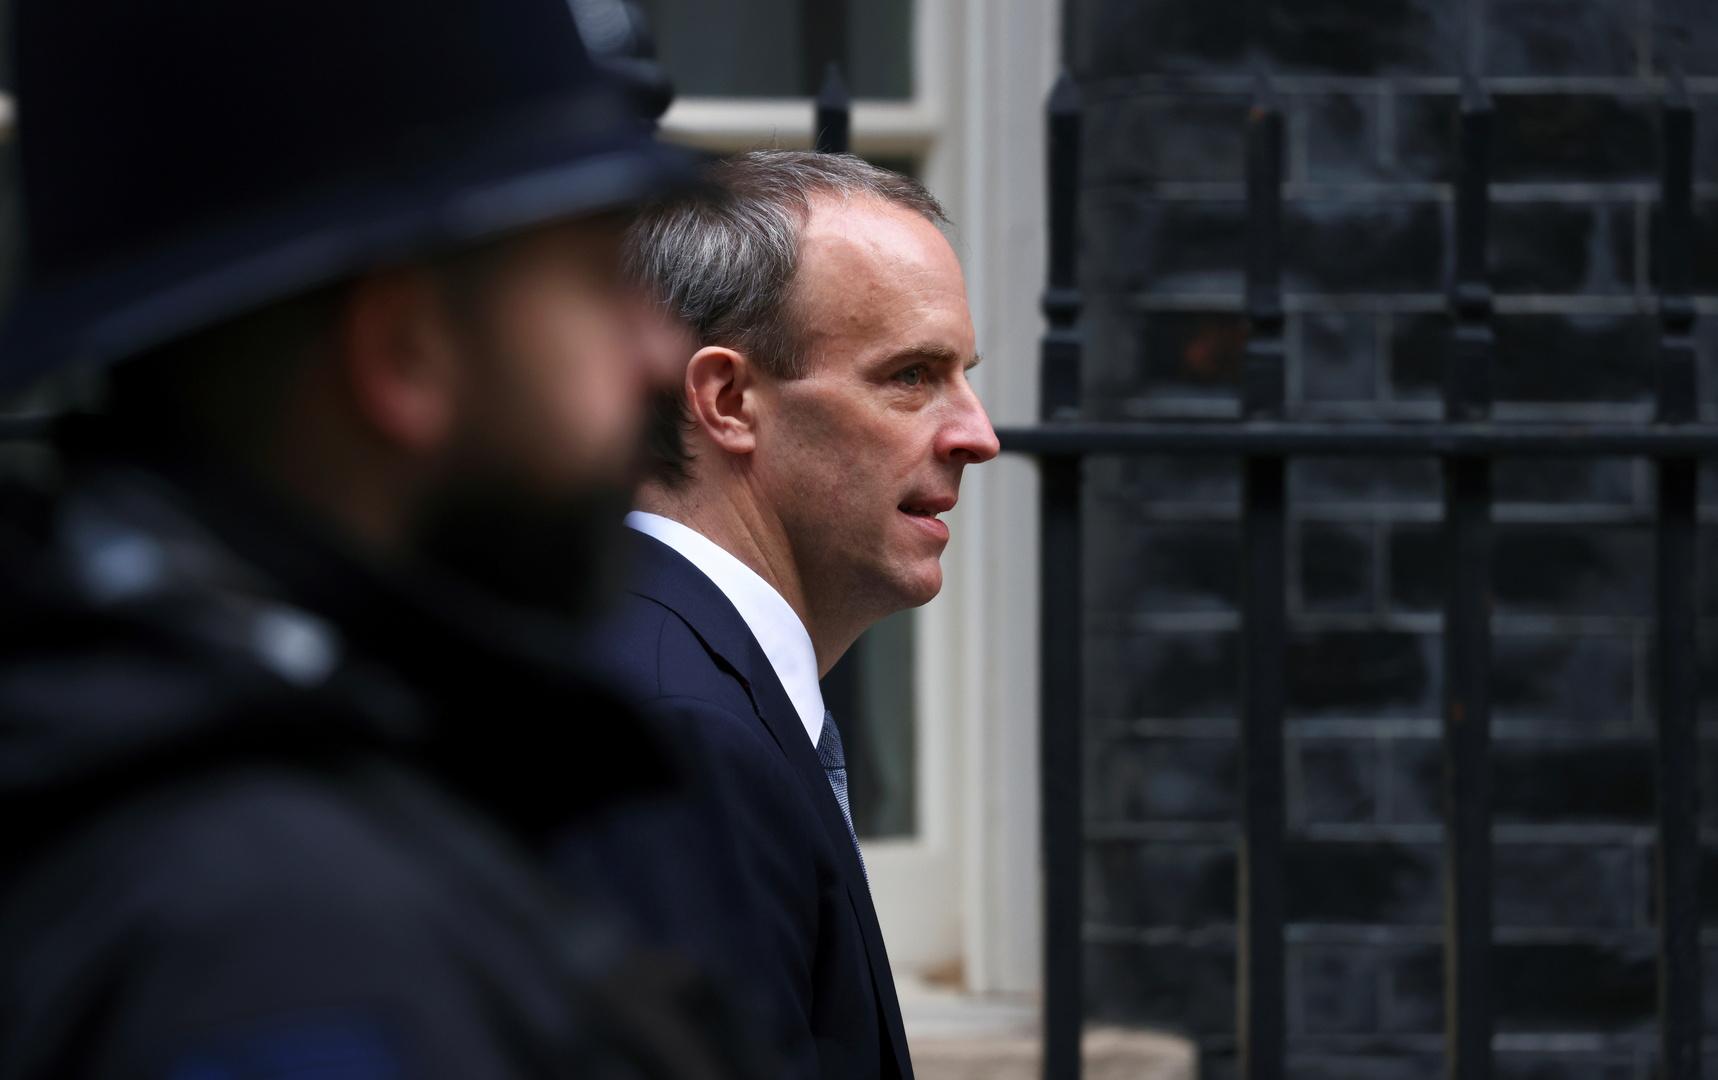 بريطانيا تدعو خفض التصعيد بعد اغتيال العالم النووي الإيراني